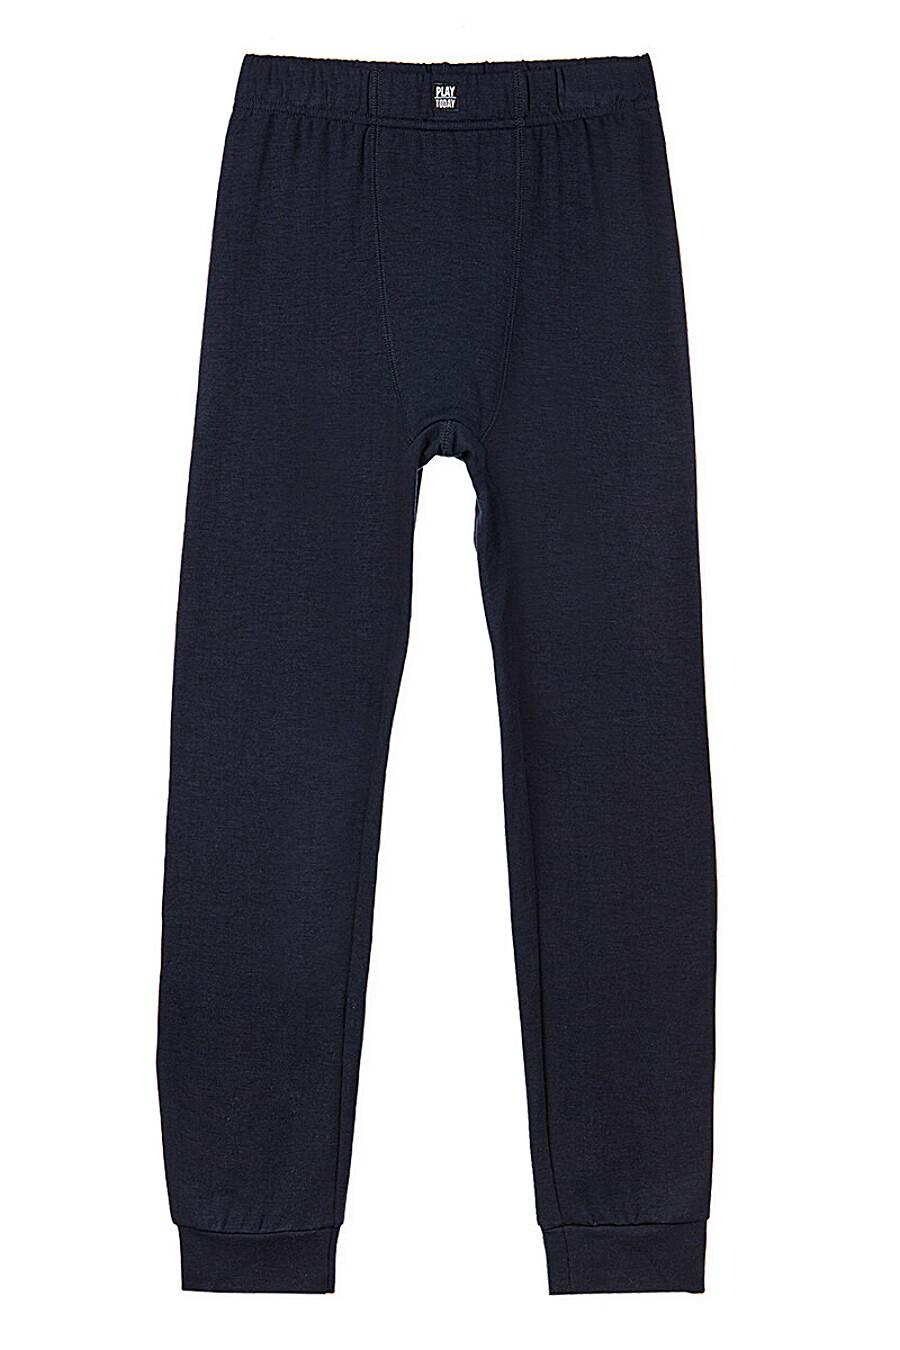 Кальсоны для мальчиков PLAYTODAY 205385 купить оптом от производителя. Совместная покупка детской одежды в OptMoyo